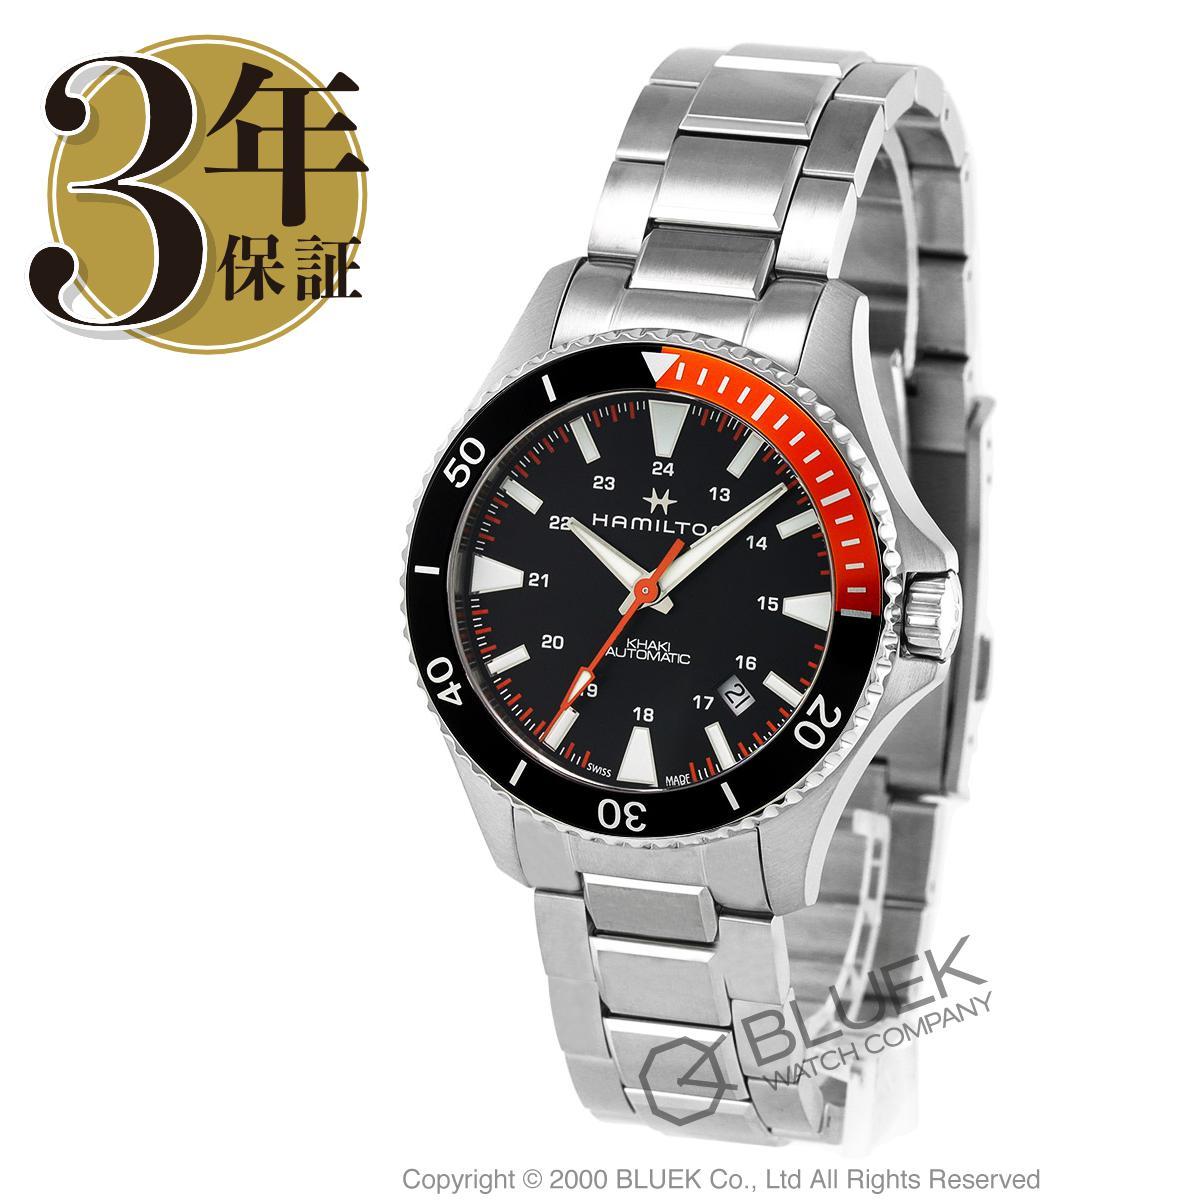 ハミルトン カーキ ネイビー スキューバ オート 腕時計 メンズ HAMILTON H82305131_8 バーゲン ギフト プレゼント